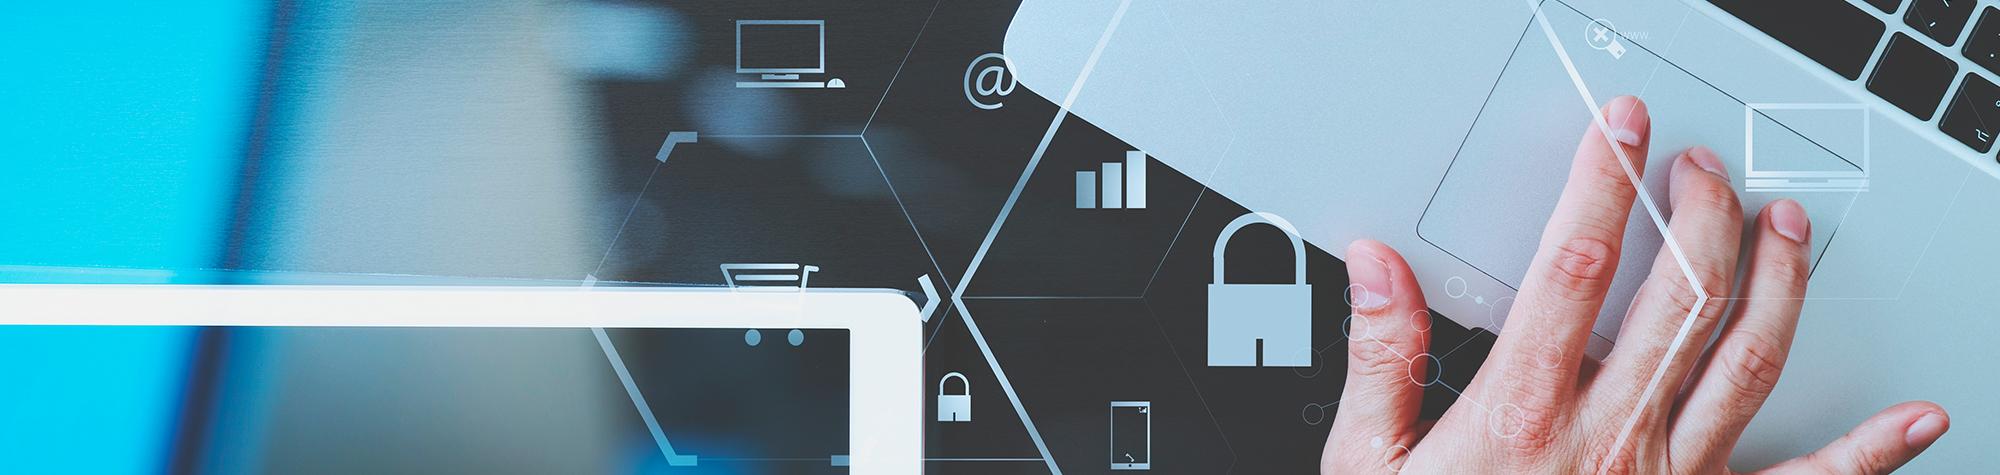 Certificado SSL: ¿Qué es y por qué mi web debe tener uno?